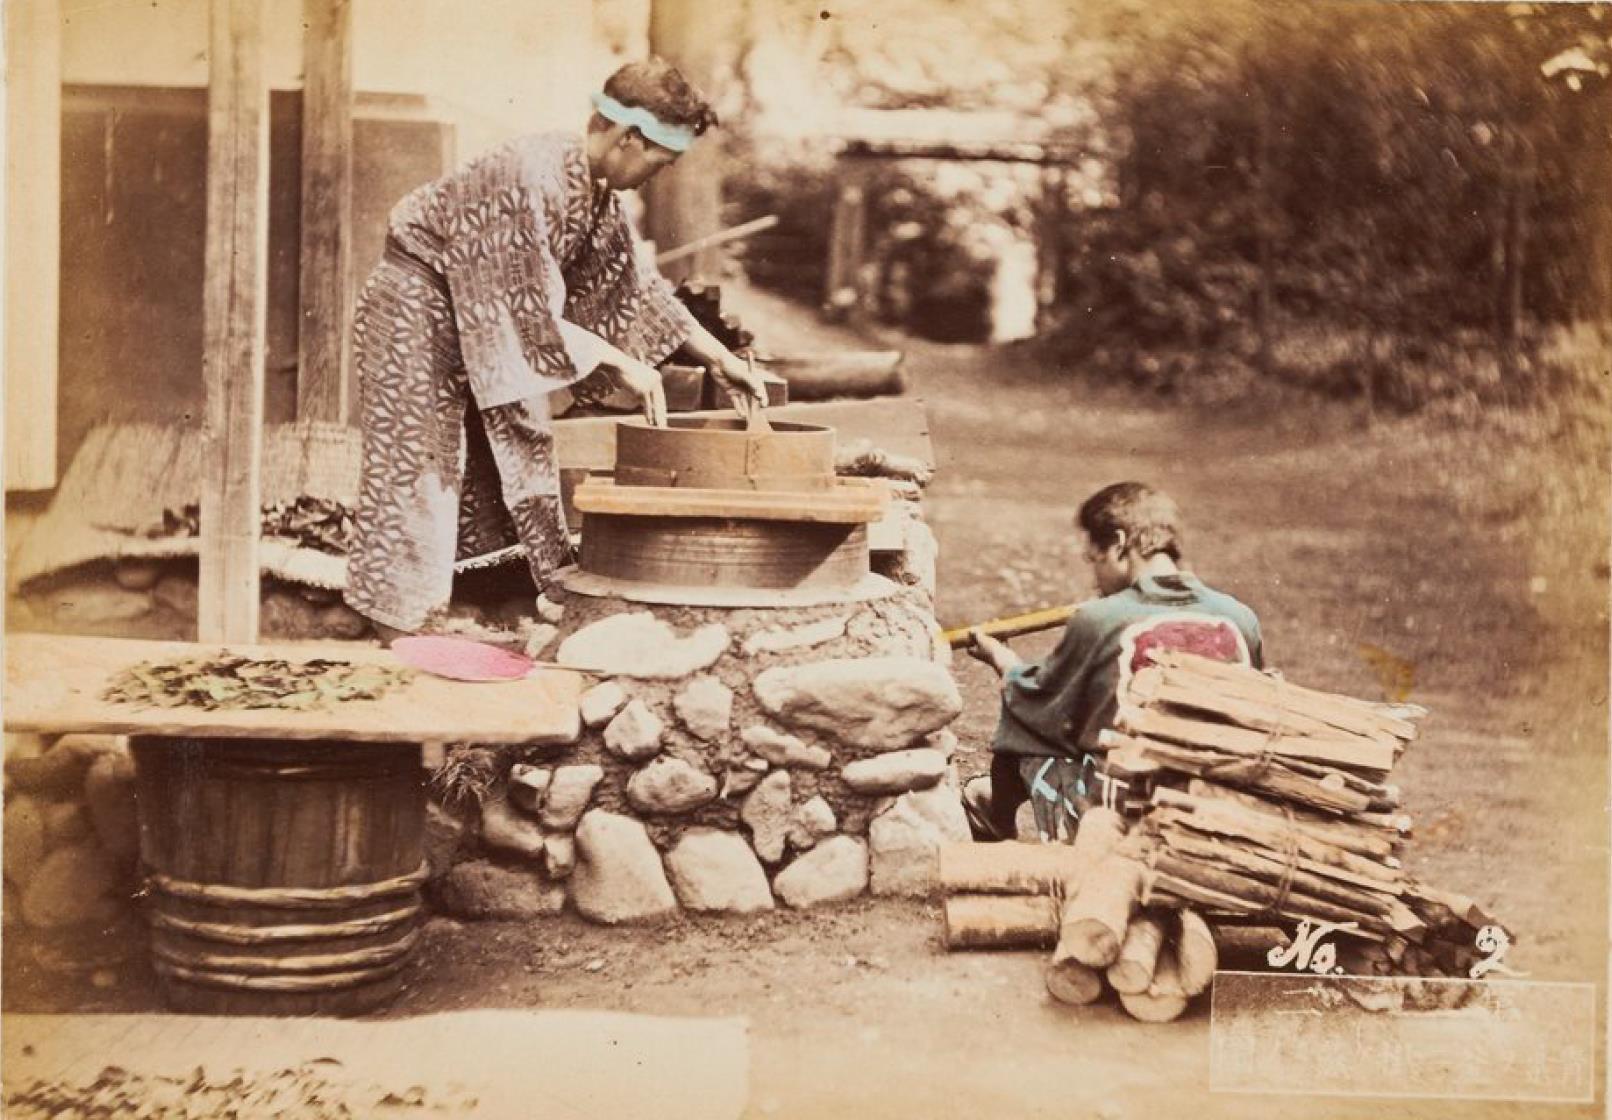 Двое мужчин возле печи для приготовления пищи